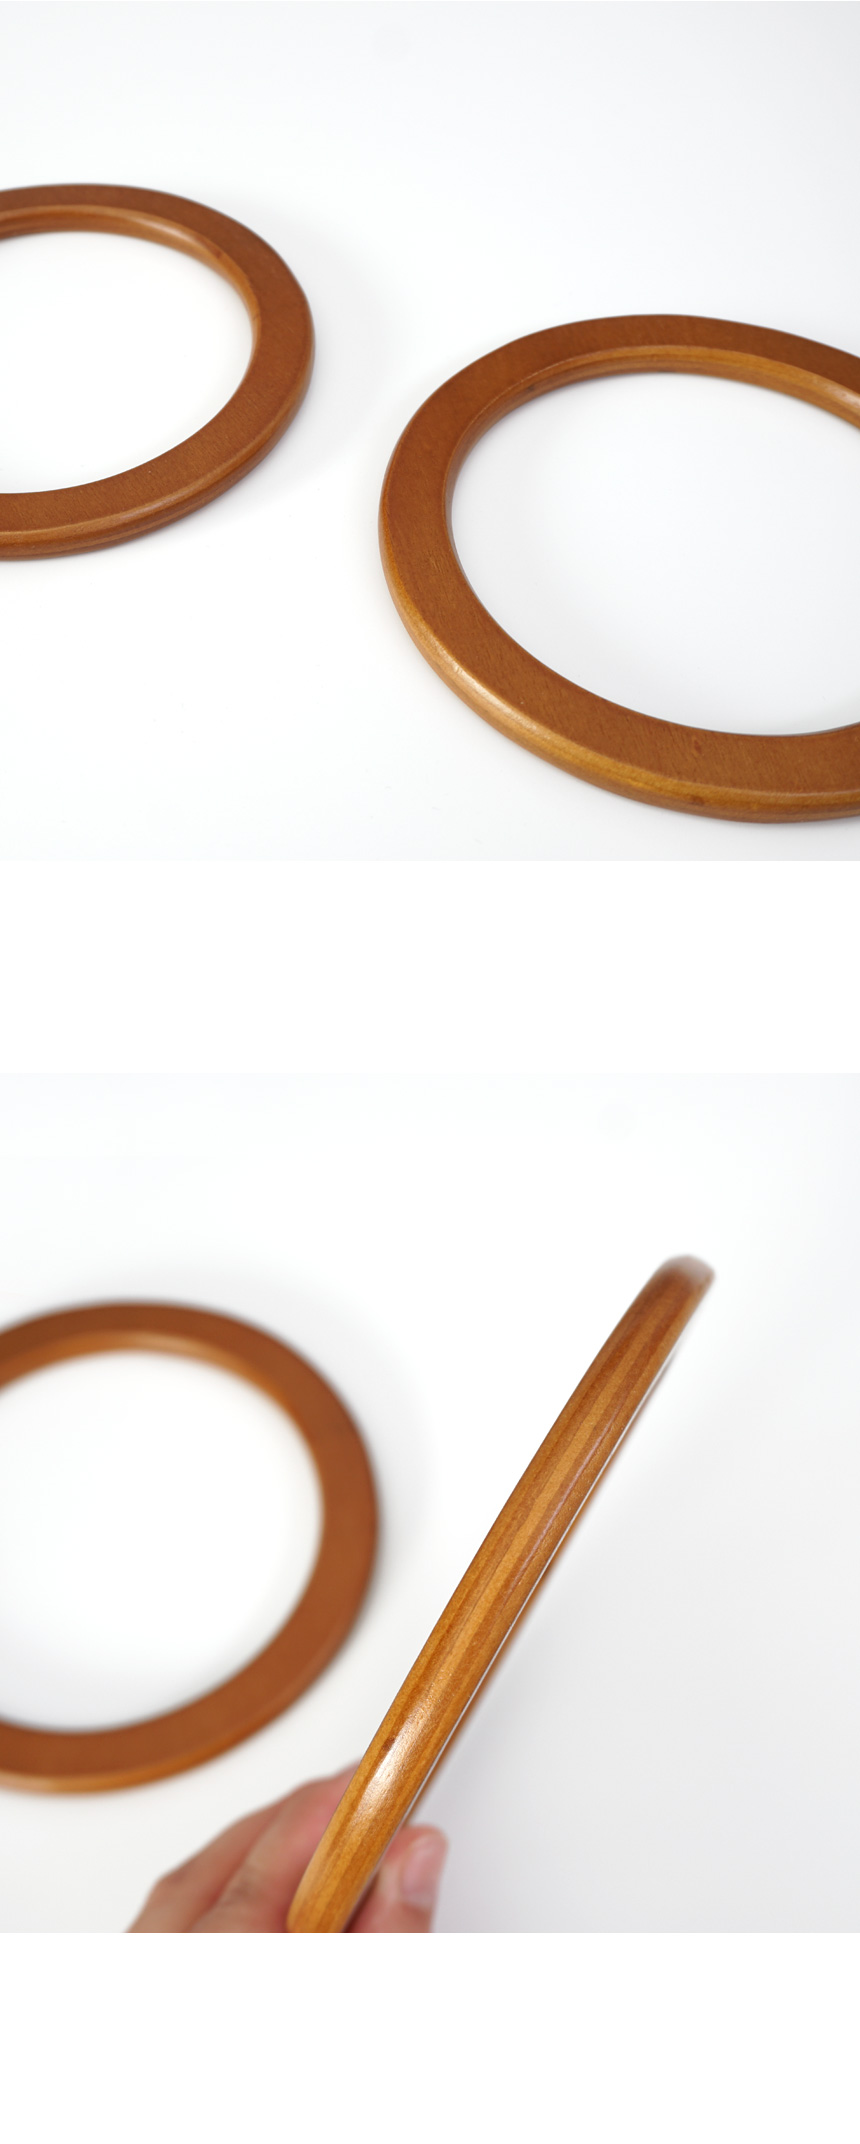 마크라메 우드링 나무 가방 손잡이 핸들(1쌍) - 슬로우모먼츠, 13,500원, 펠트공예, 가방끈/프레임/면끈